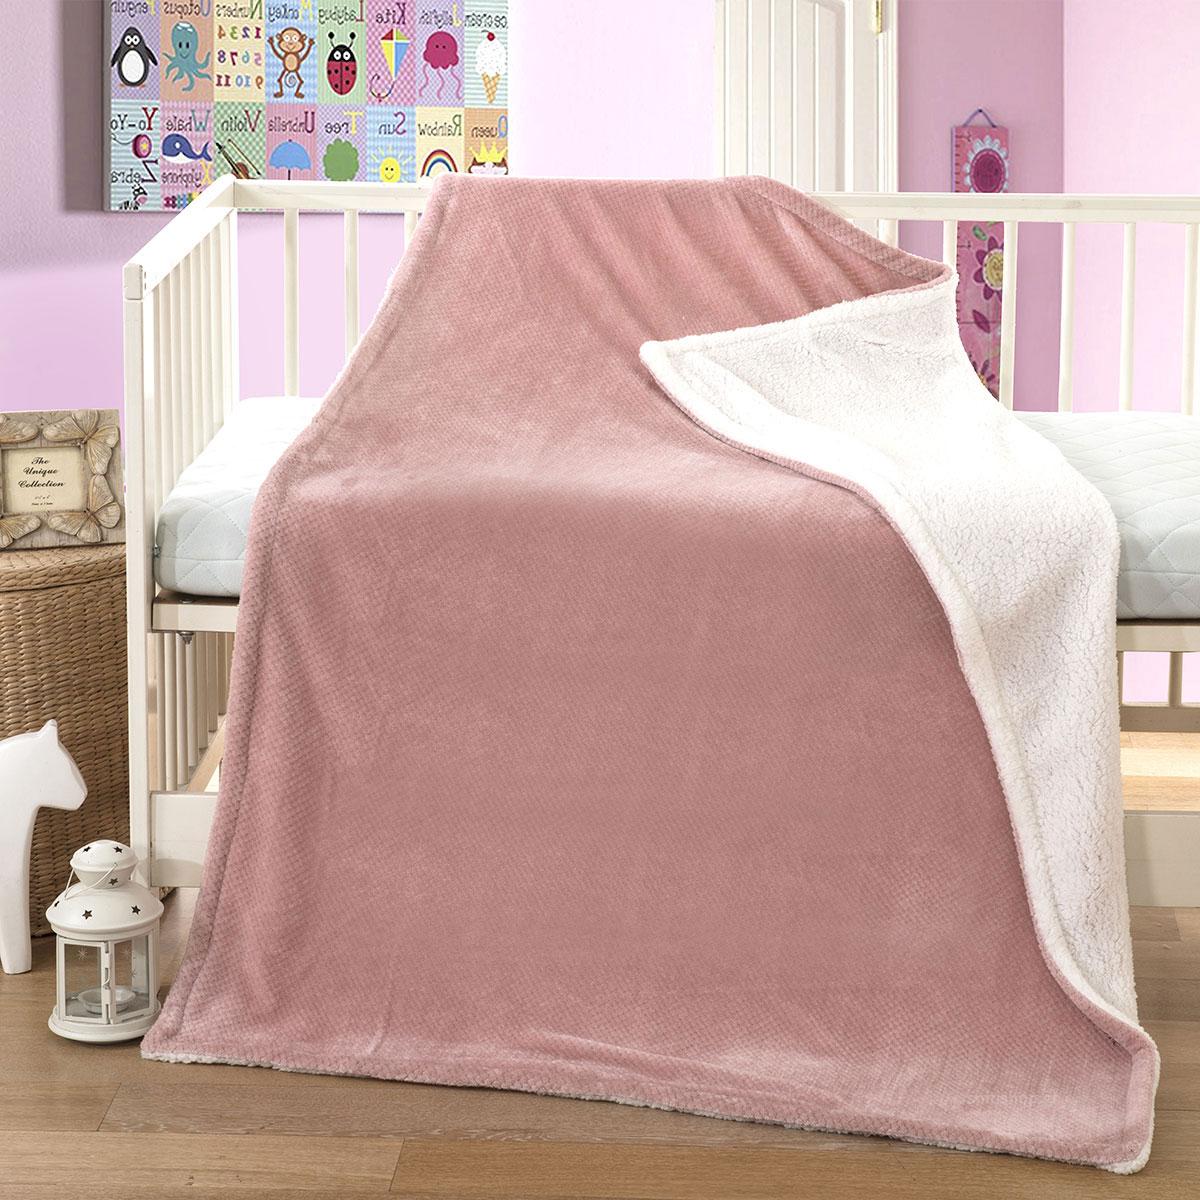 Κουβέρτα Fleece Αγκαλιάς Anna Riska Cozy Blush Pink